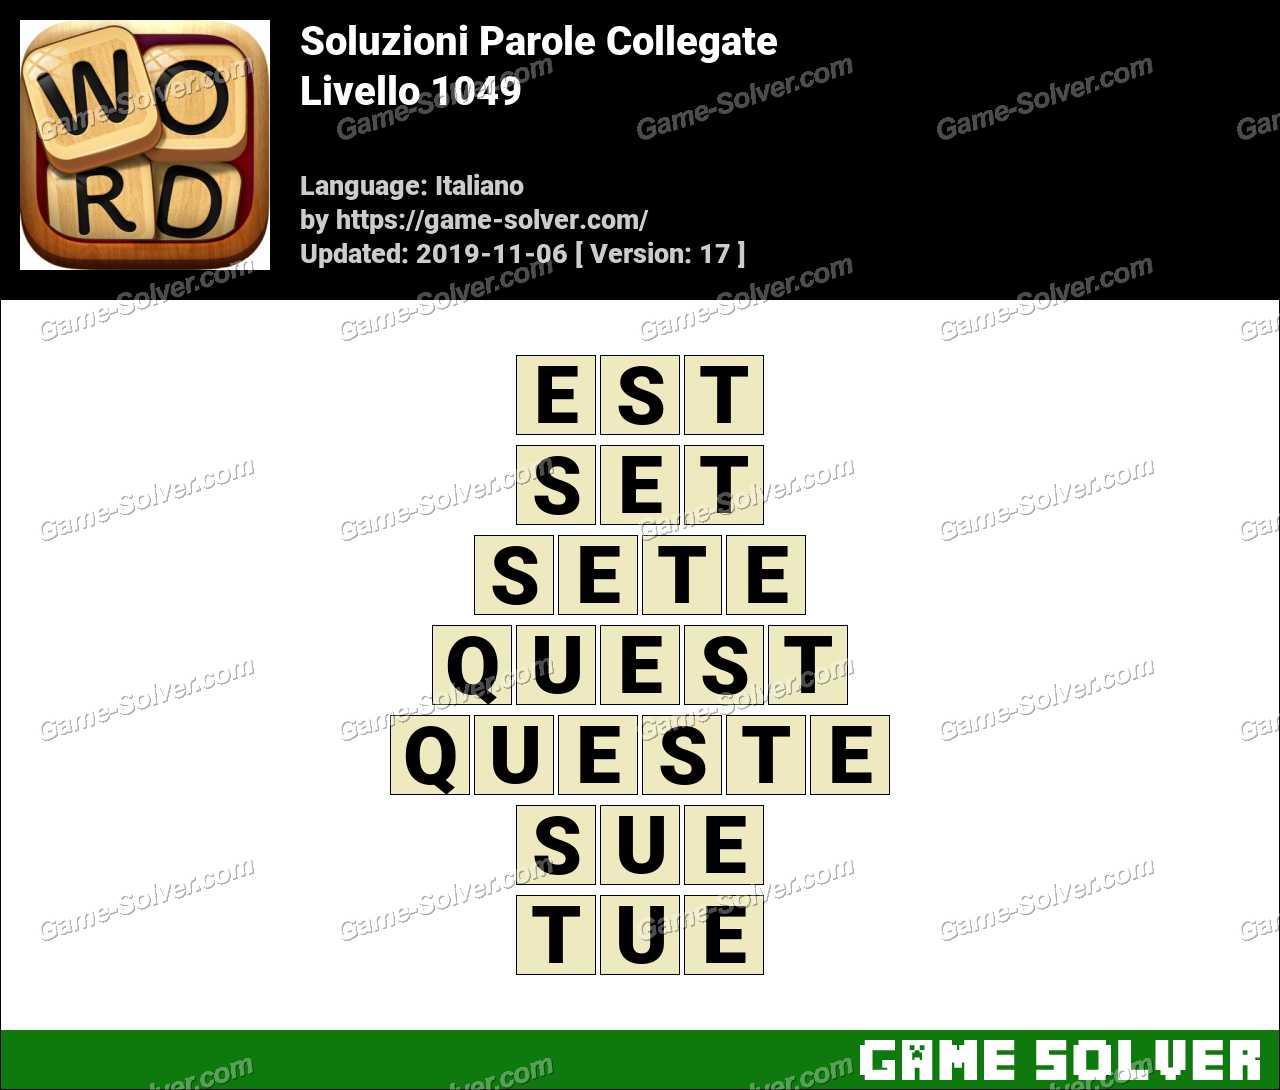 Soluzioni Parole Collegate Livello 1049